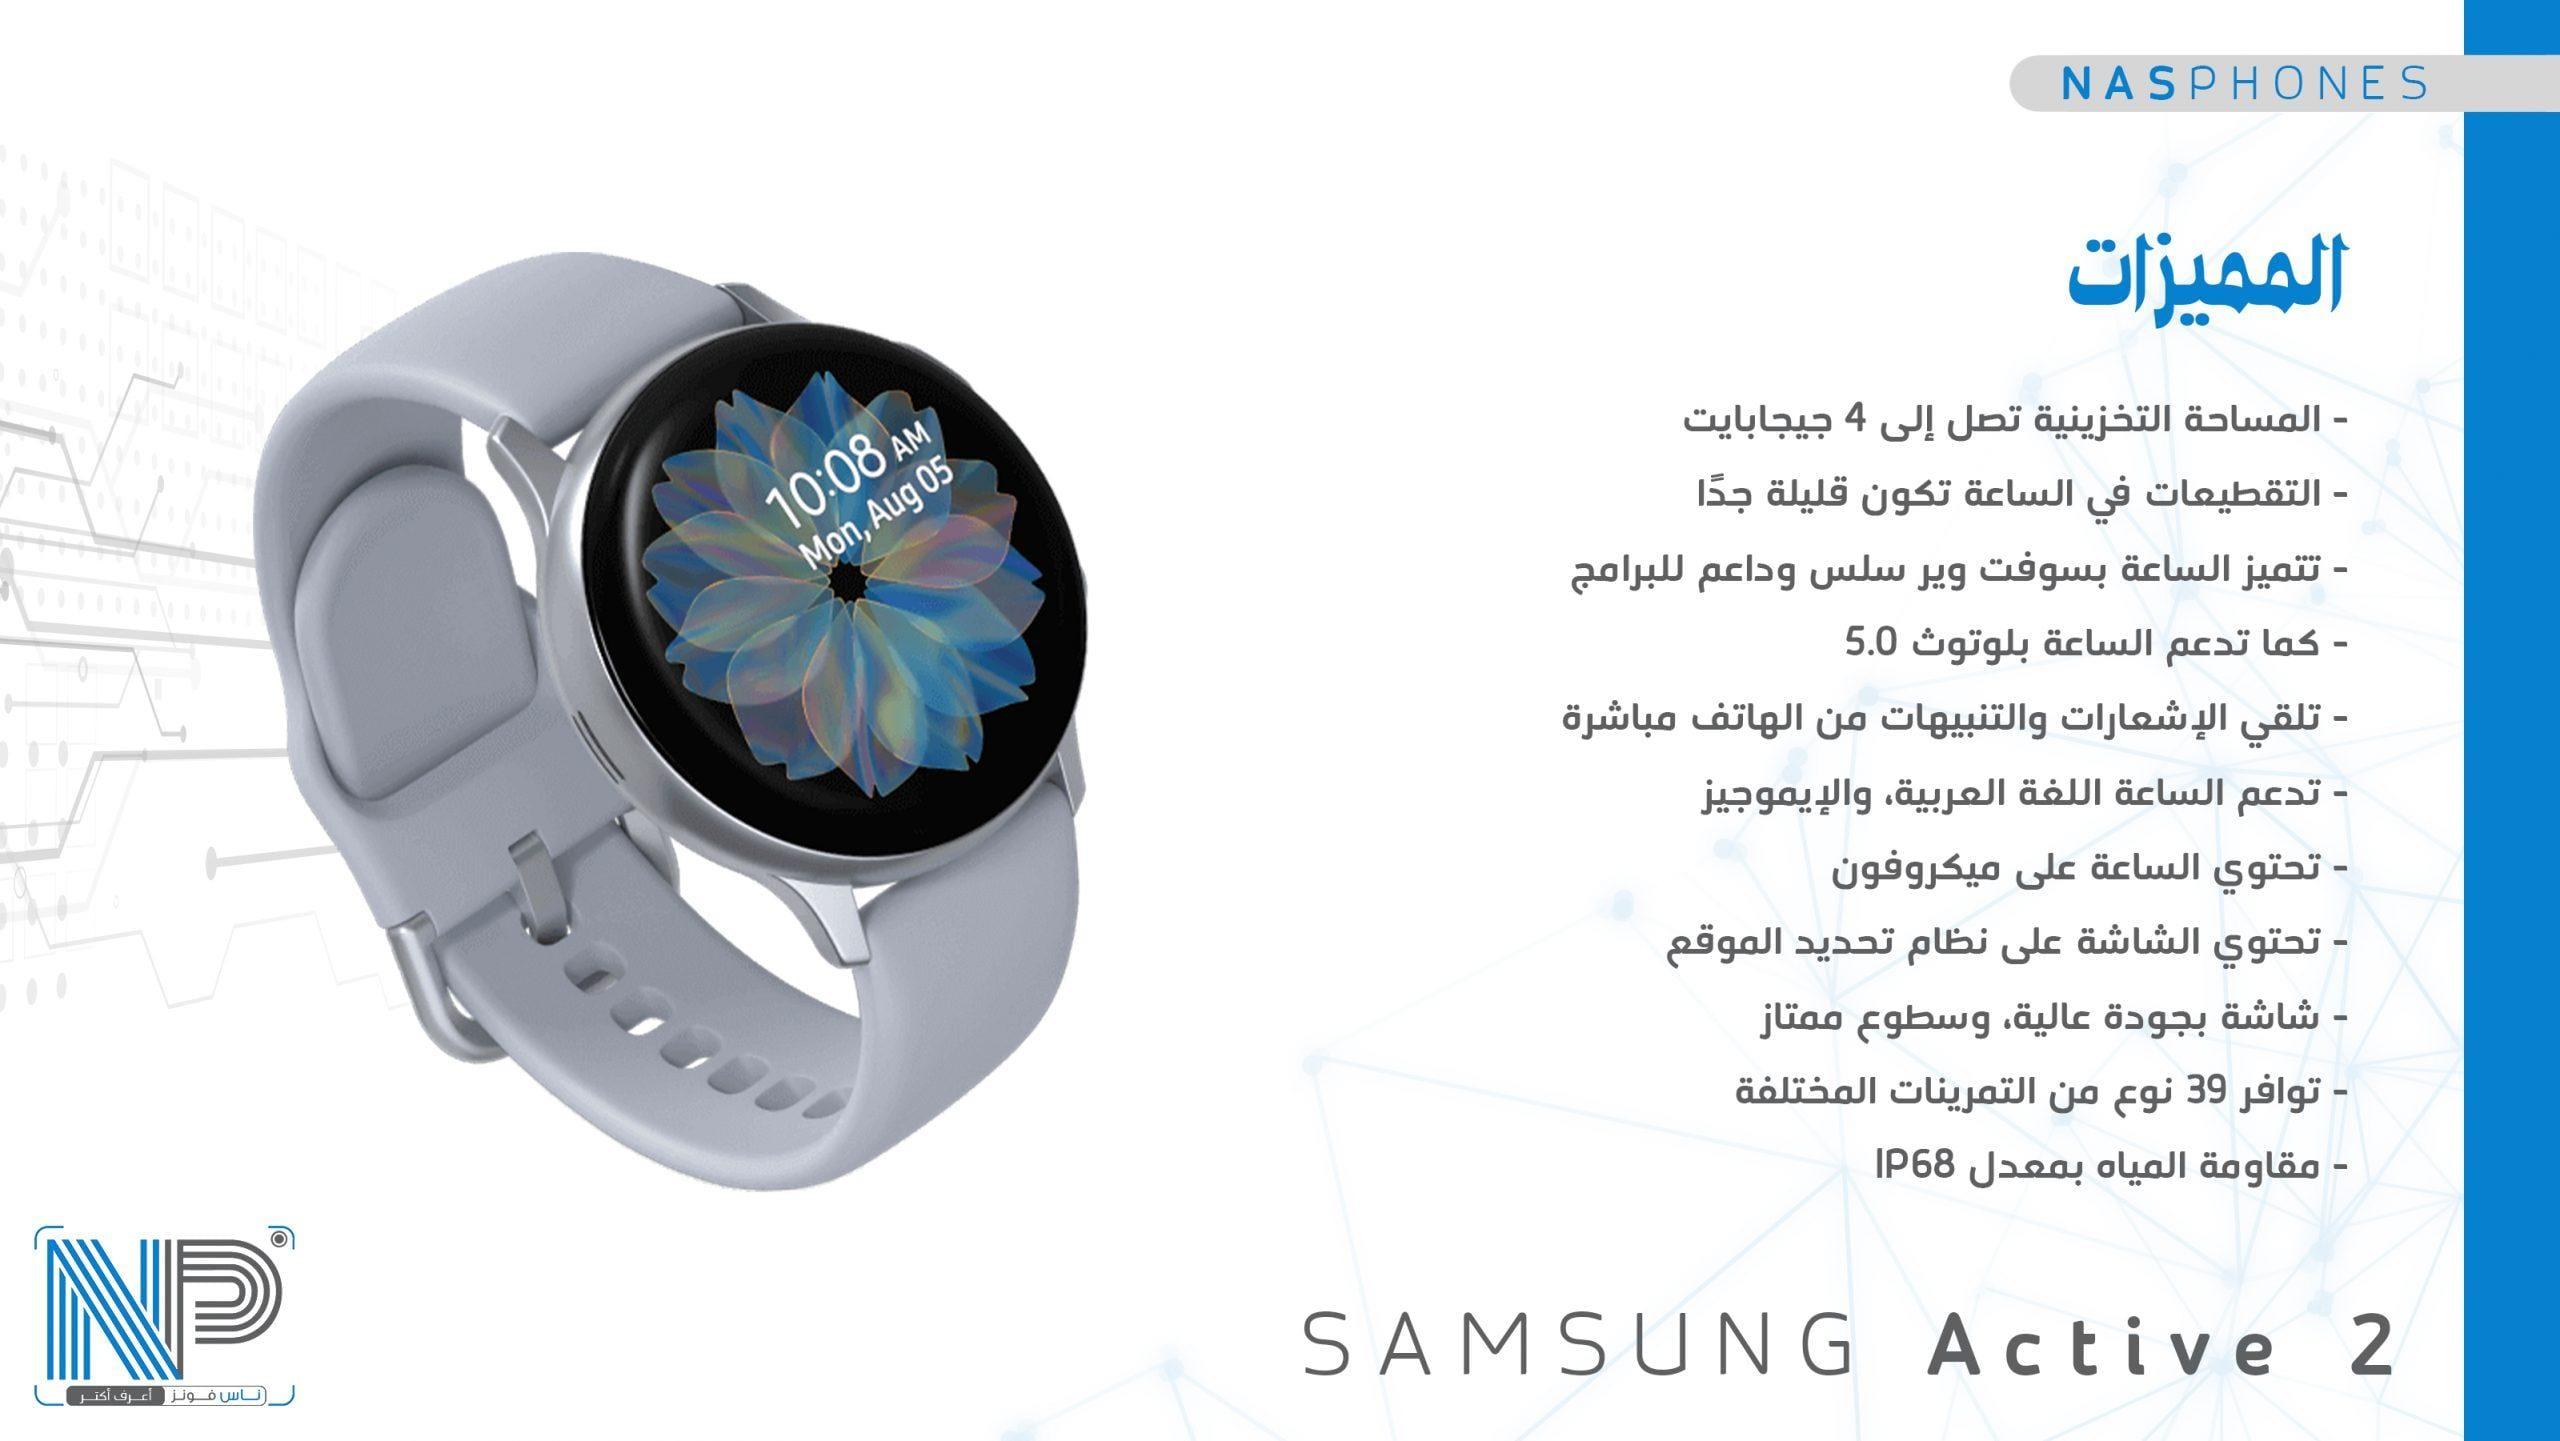 مميزات Samsung active 2